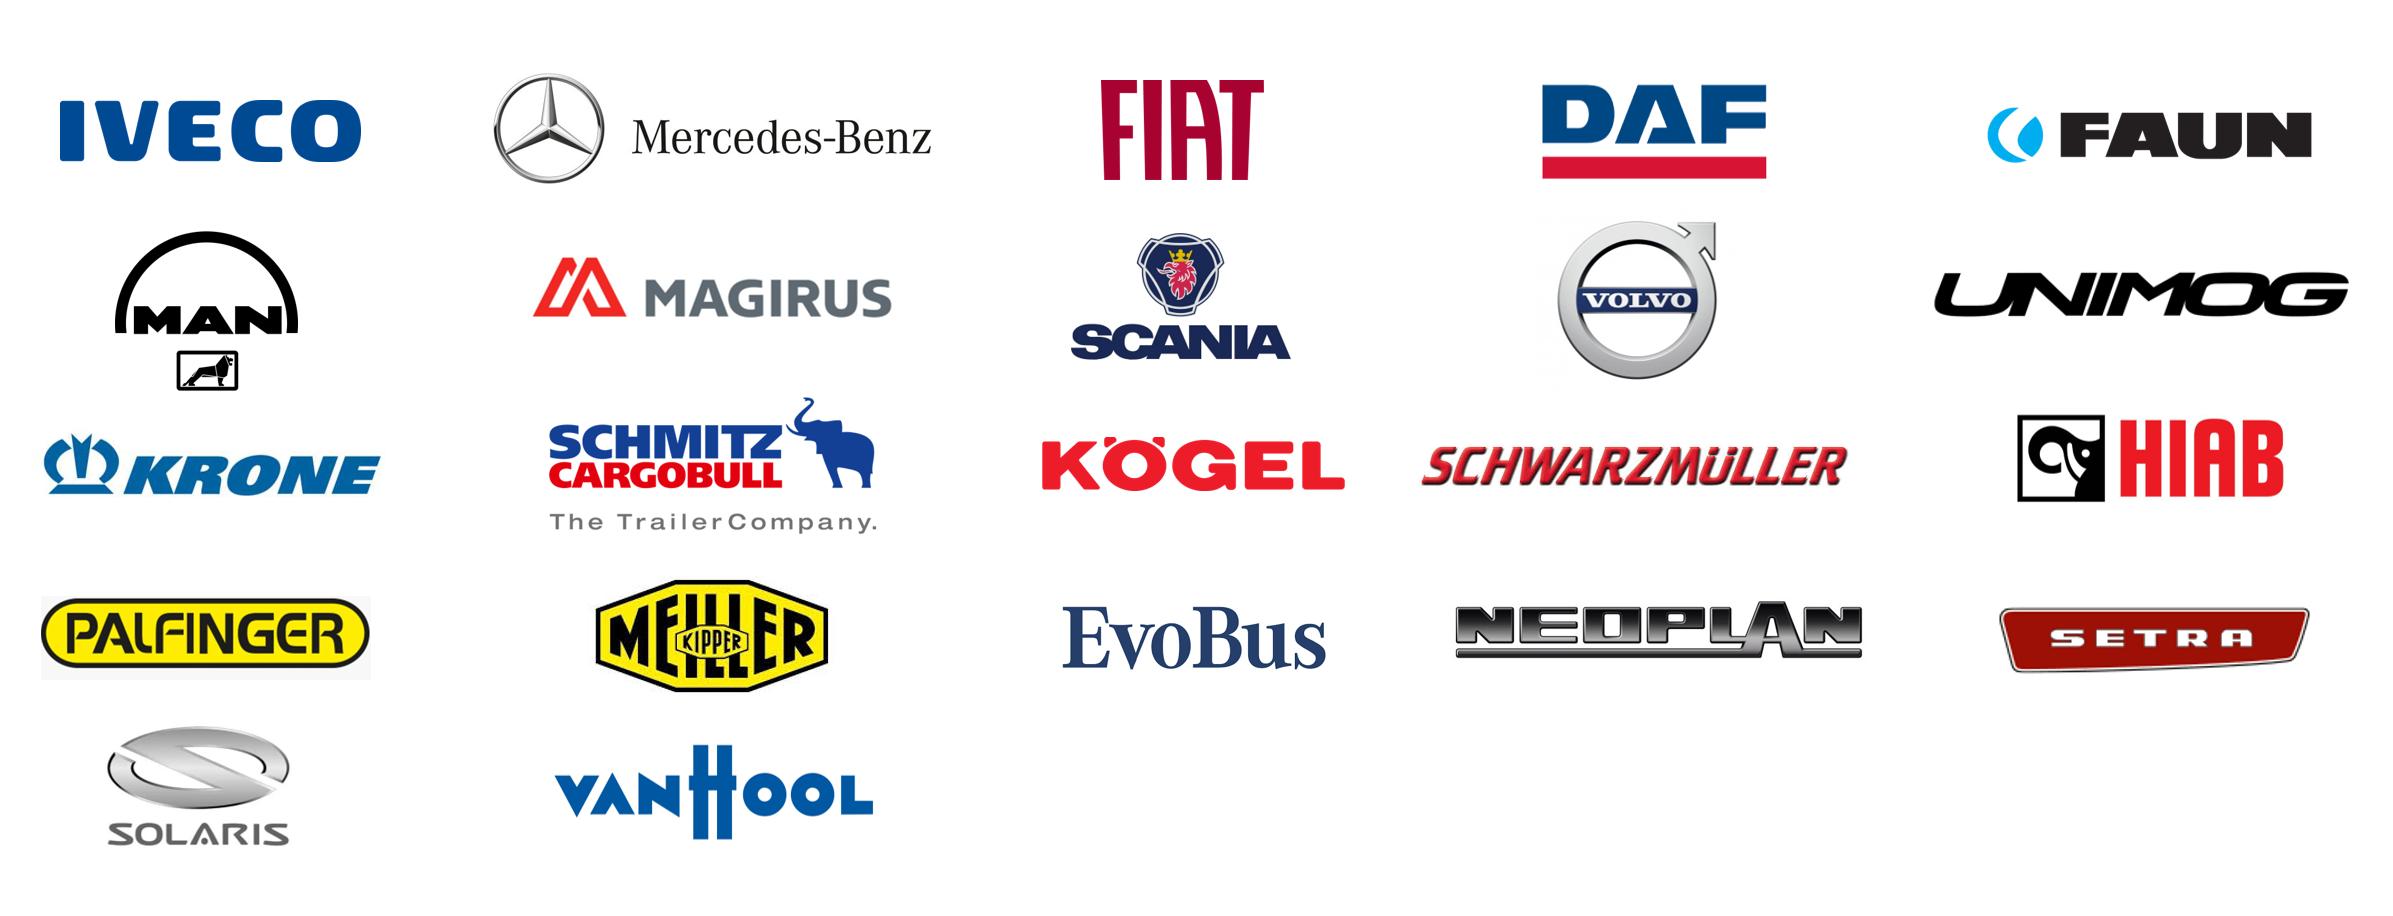 Reparaturwerkstatt Schäflein Truck Service repariert Nutzfahrzeuge aller Marken